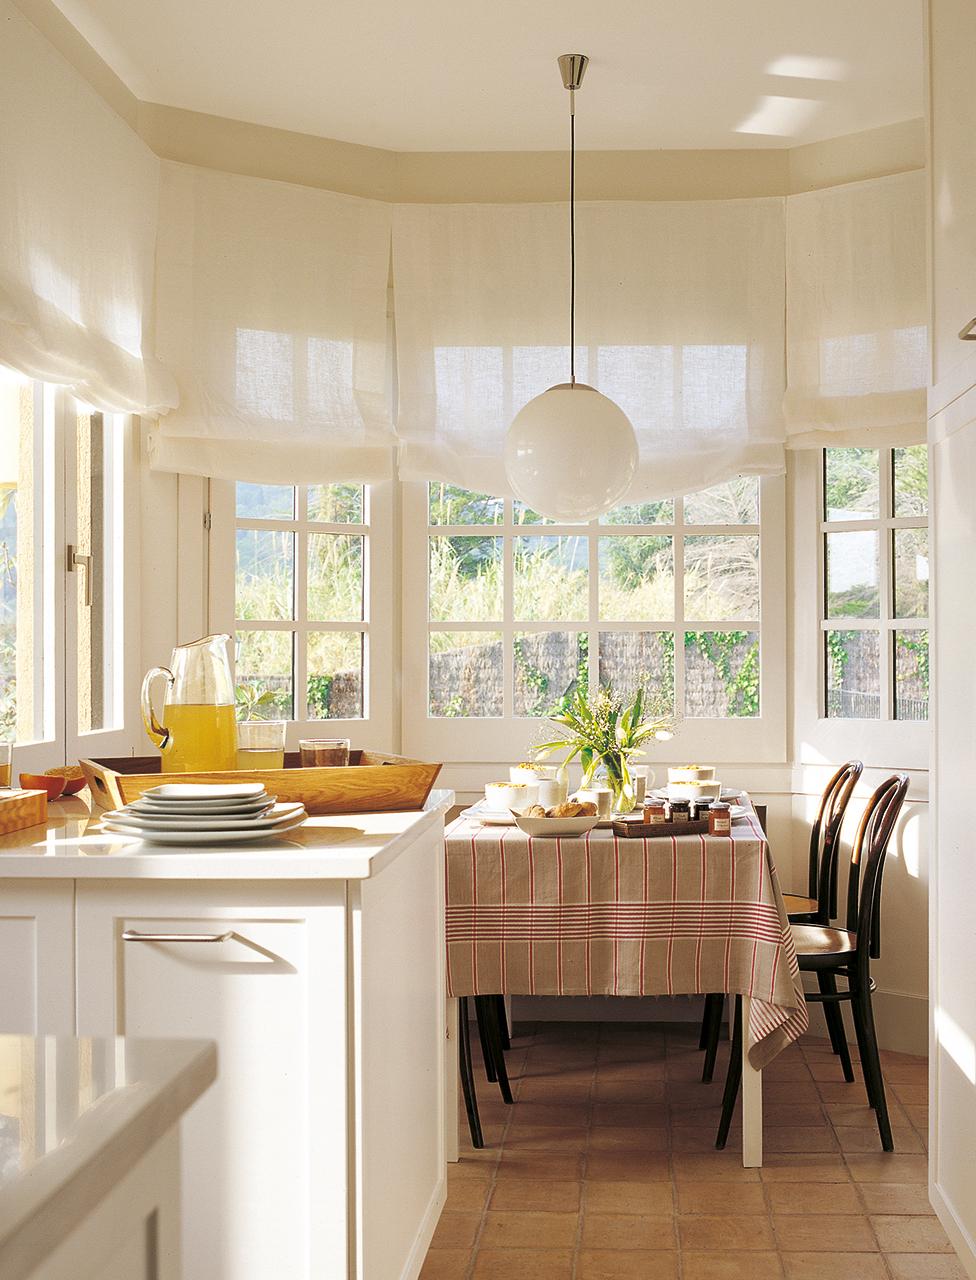 Un office ideal en la cocina - Cocinas office pequenas ...